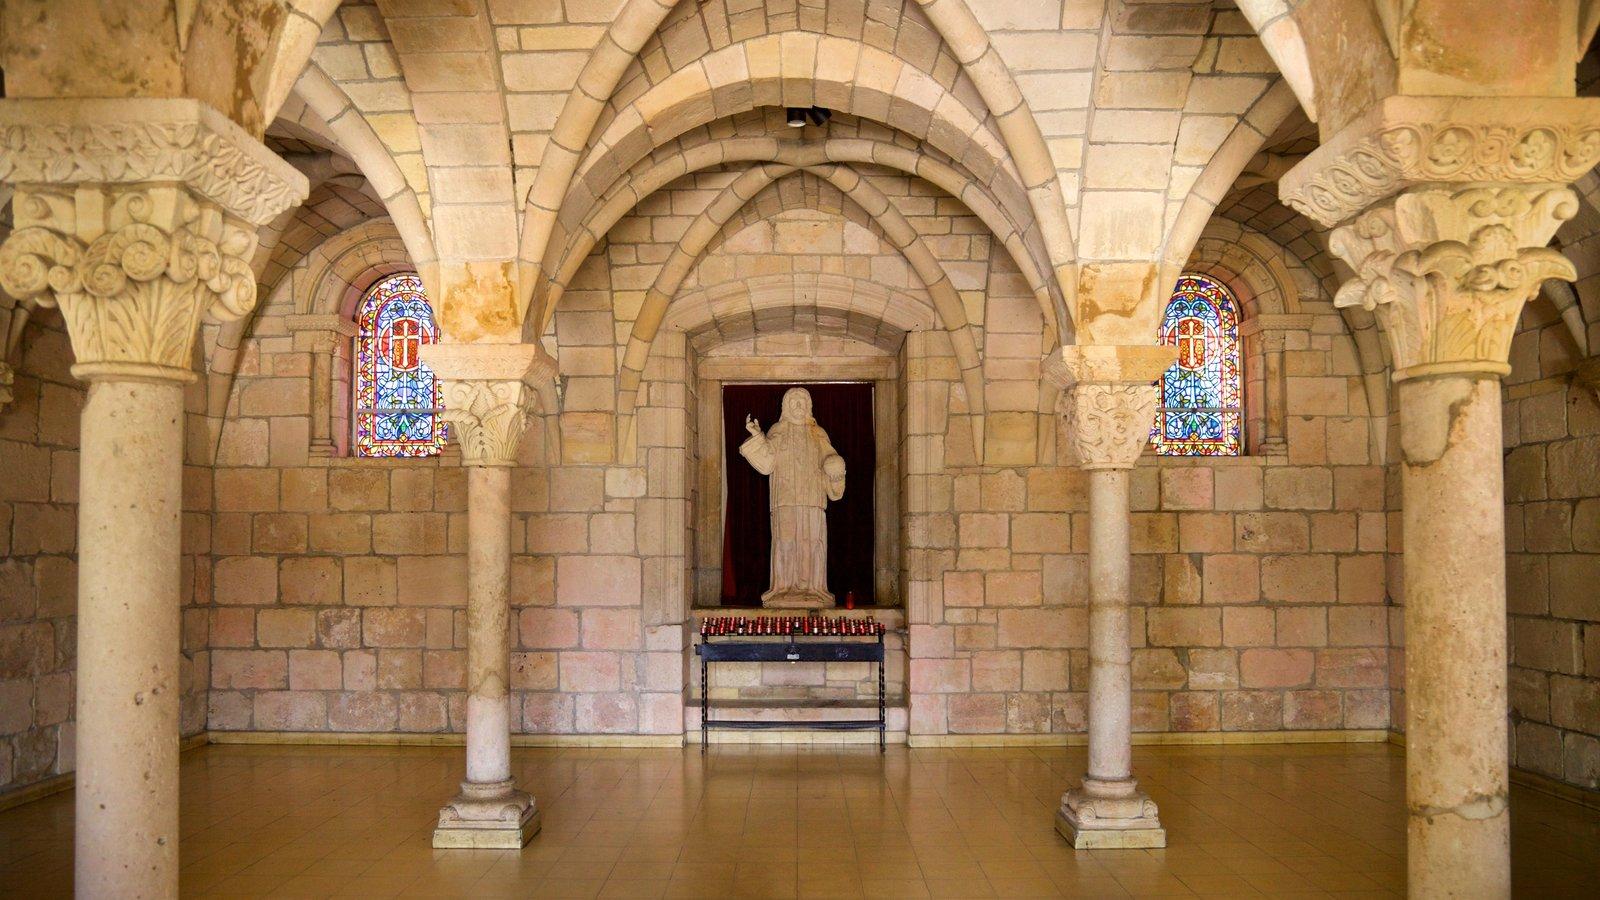 Antigo Mosteiro Espanhol mostrando uma estátua ou escultura, vistas internas e elementos de patrimônio